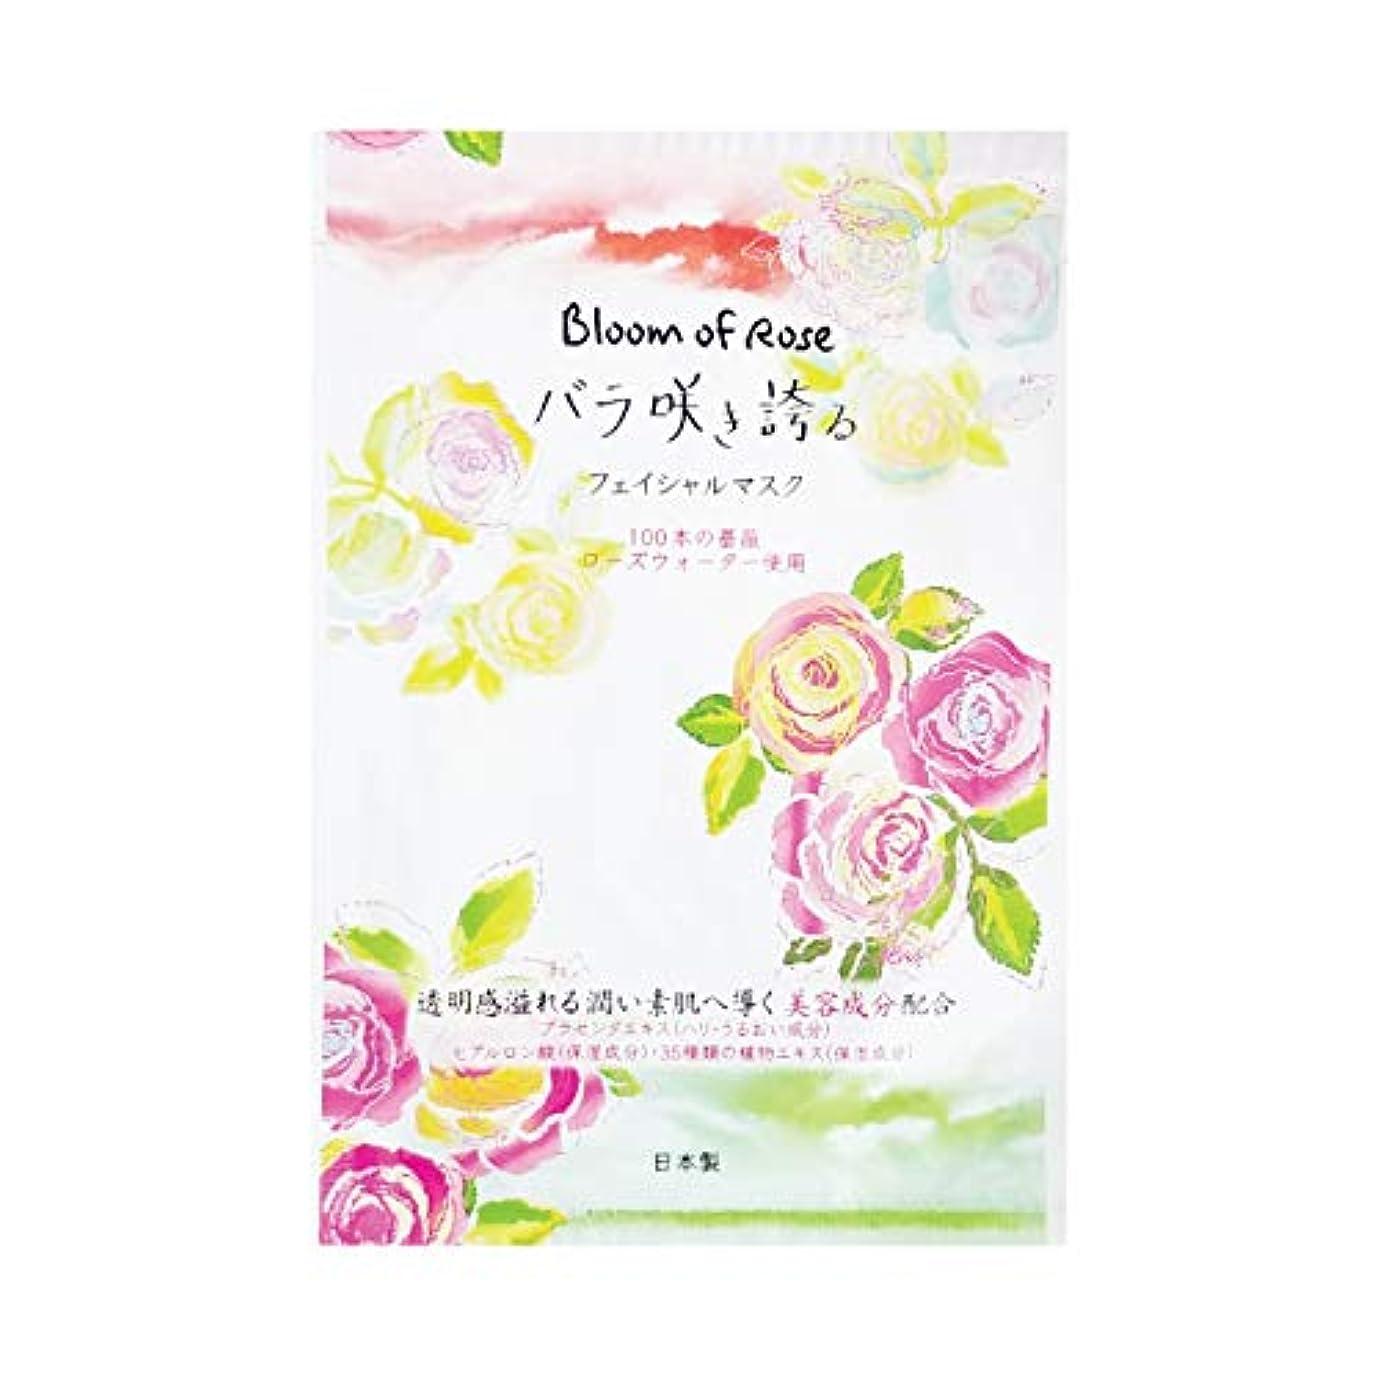 分析的な世界記録のギネスブック罪悪感Bloom of Rose バラ咲き誇るフェイシャルマスク 10枚